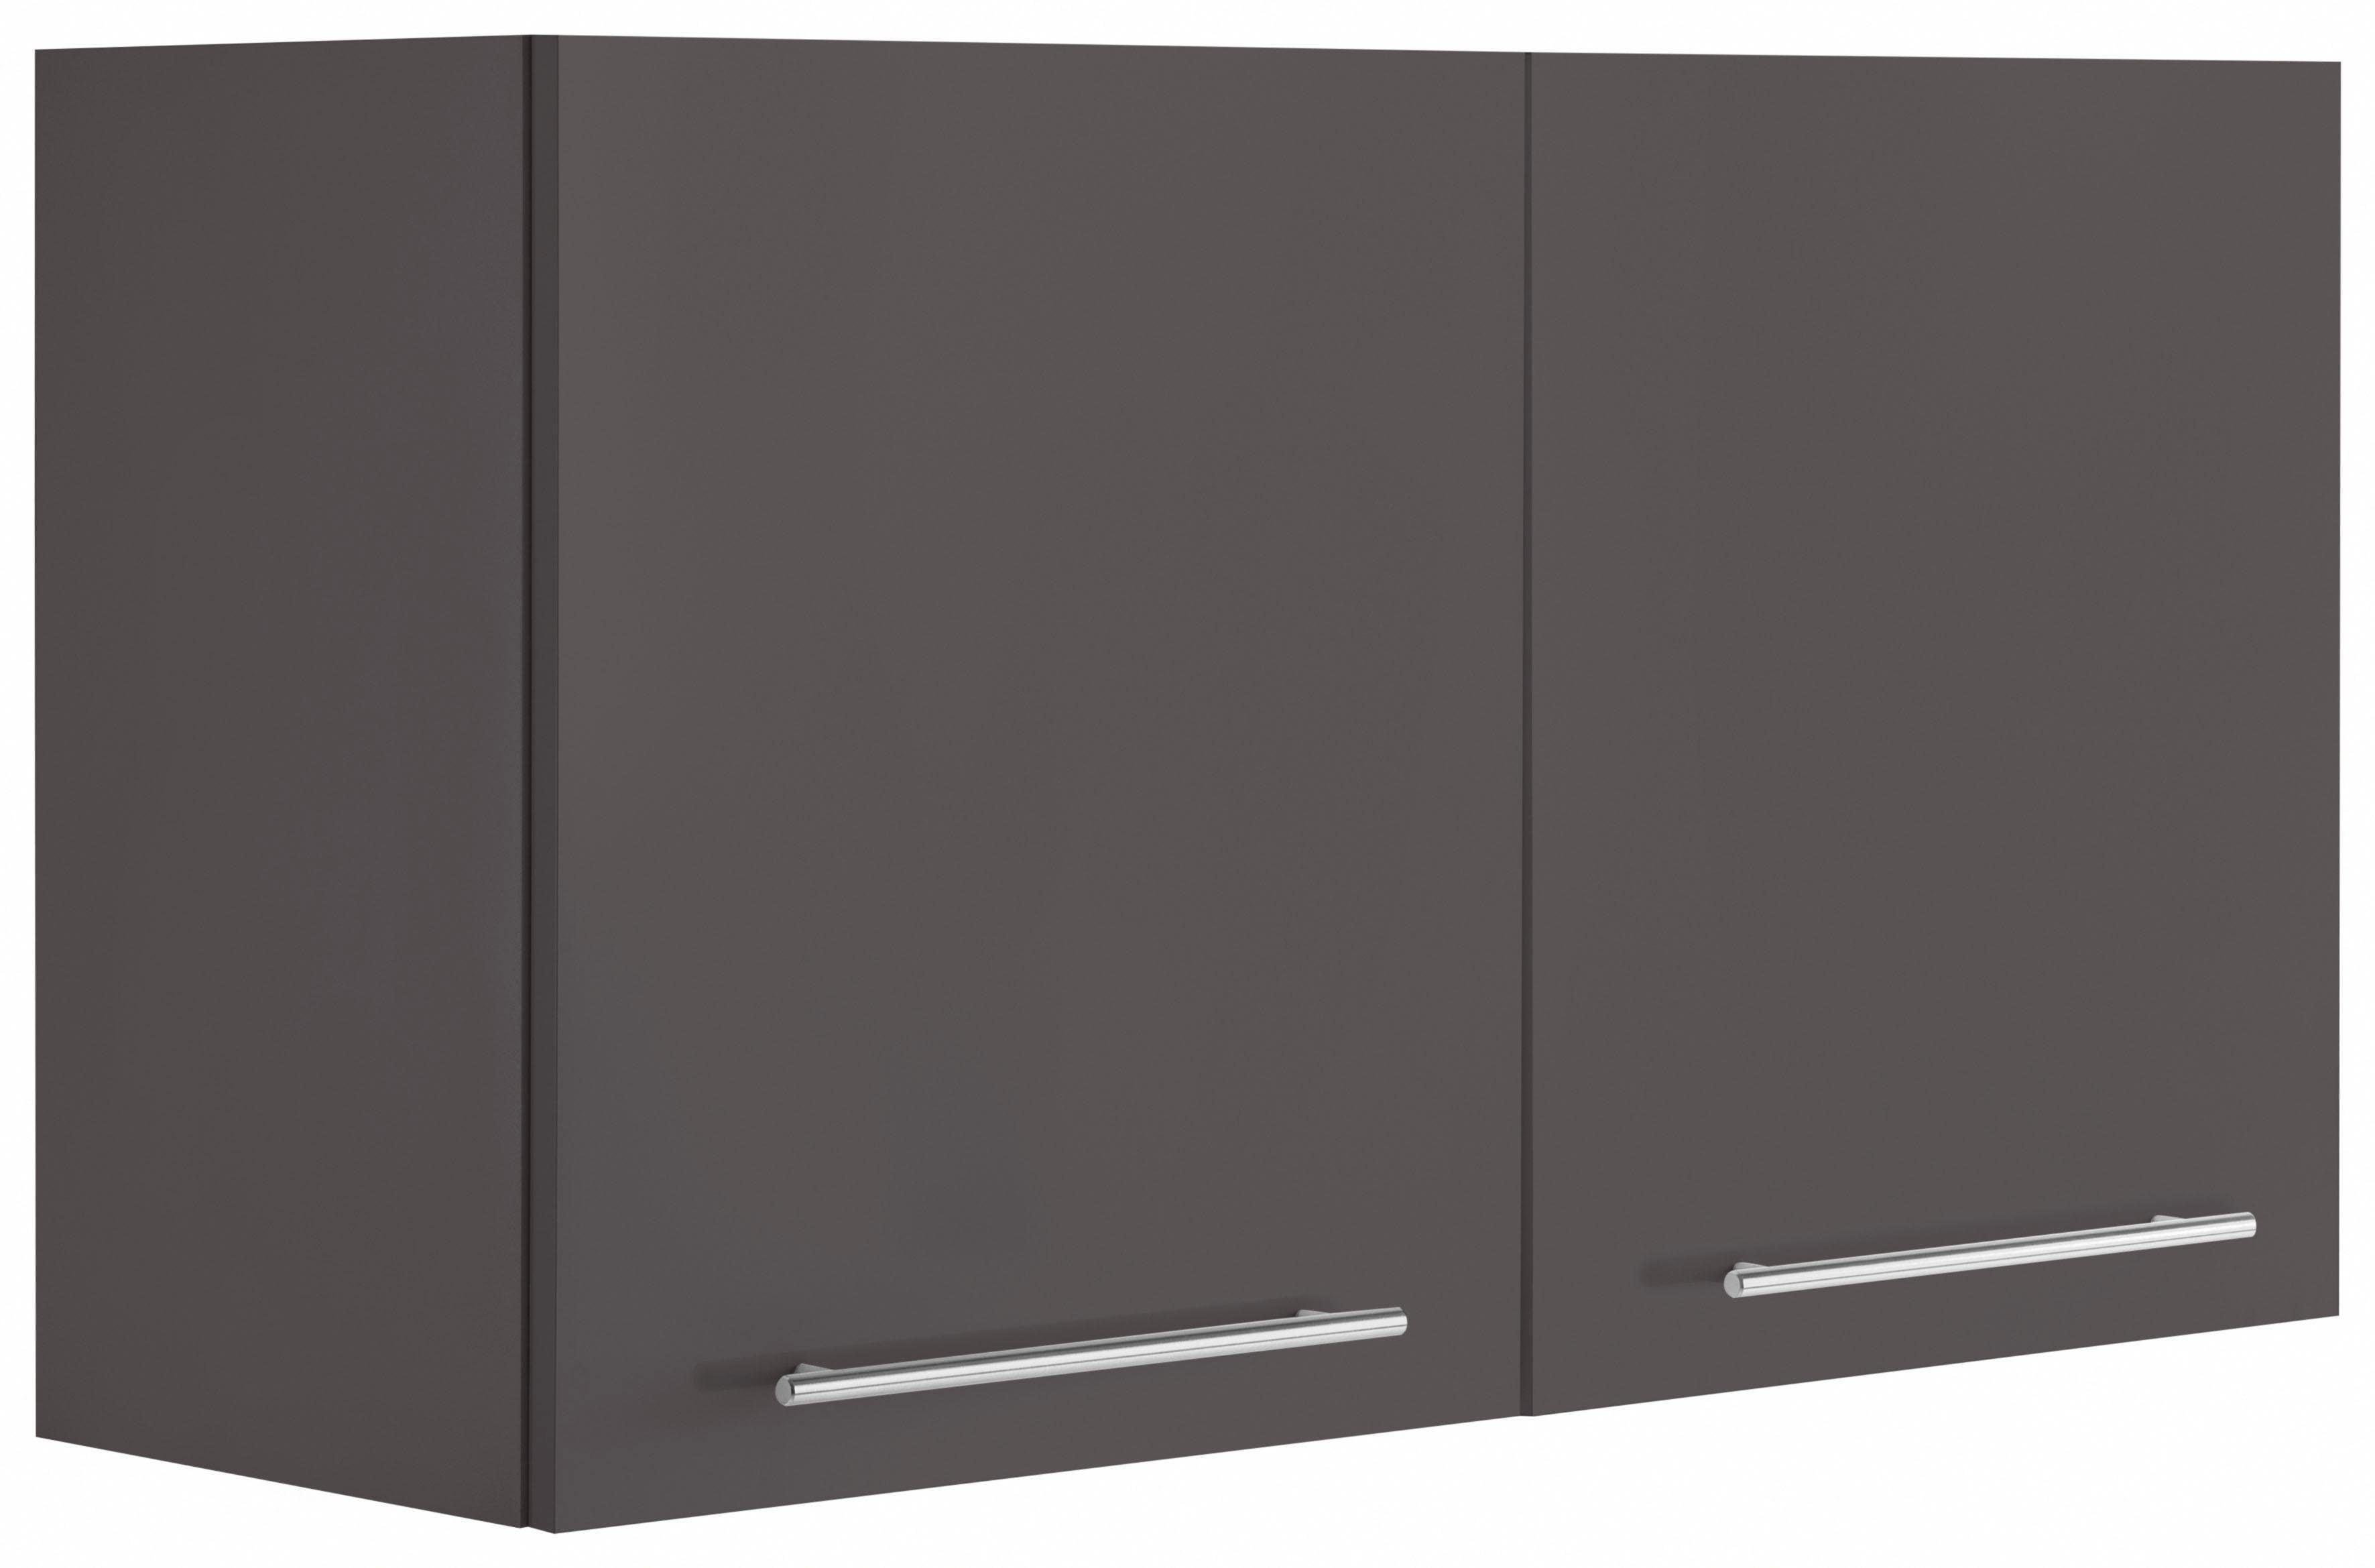 WIHO-Küchen Hängeschrank Flexi2 Breite 100 cm   Küche und Esszimmer > Küchenschränke > Küchen-Hängeschränke   Grau   Melamin   Wiho Küchen